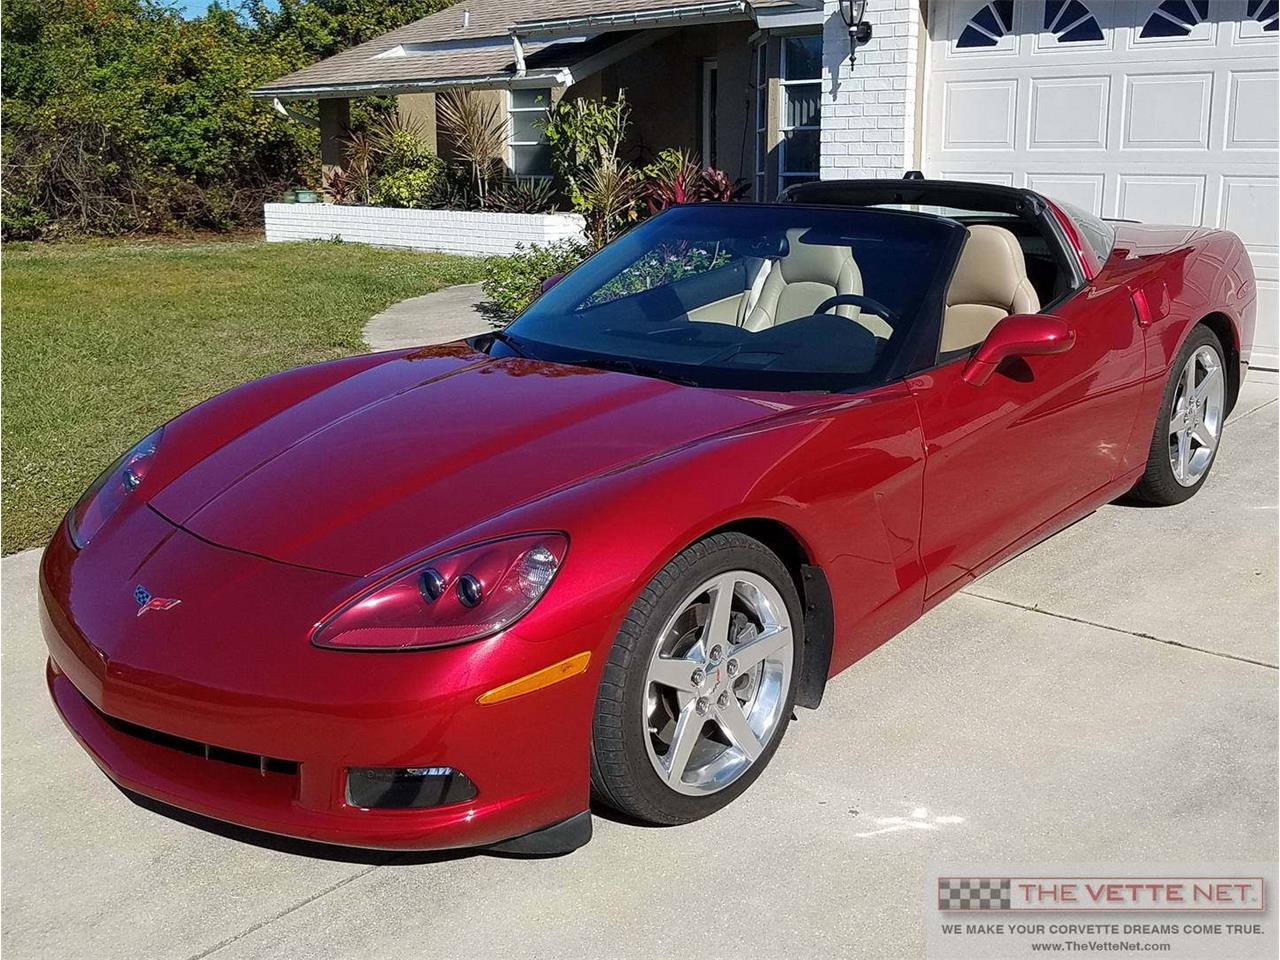 2005 Corvette For Sale >> 2005 Chevrolet Corvette For Sale Classiccars Com Cc 1173611